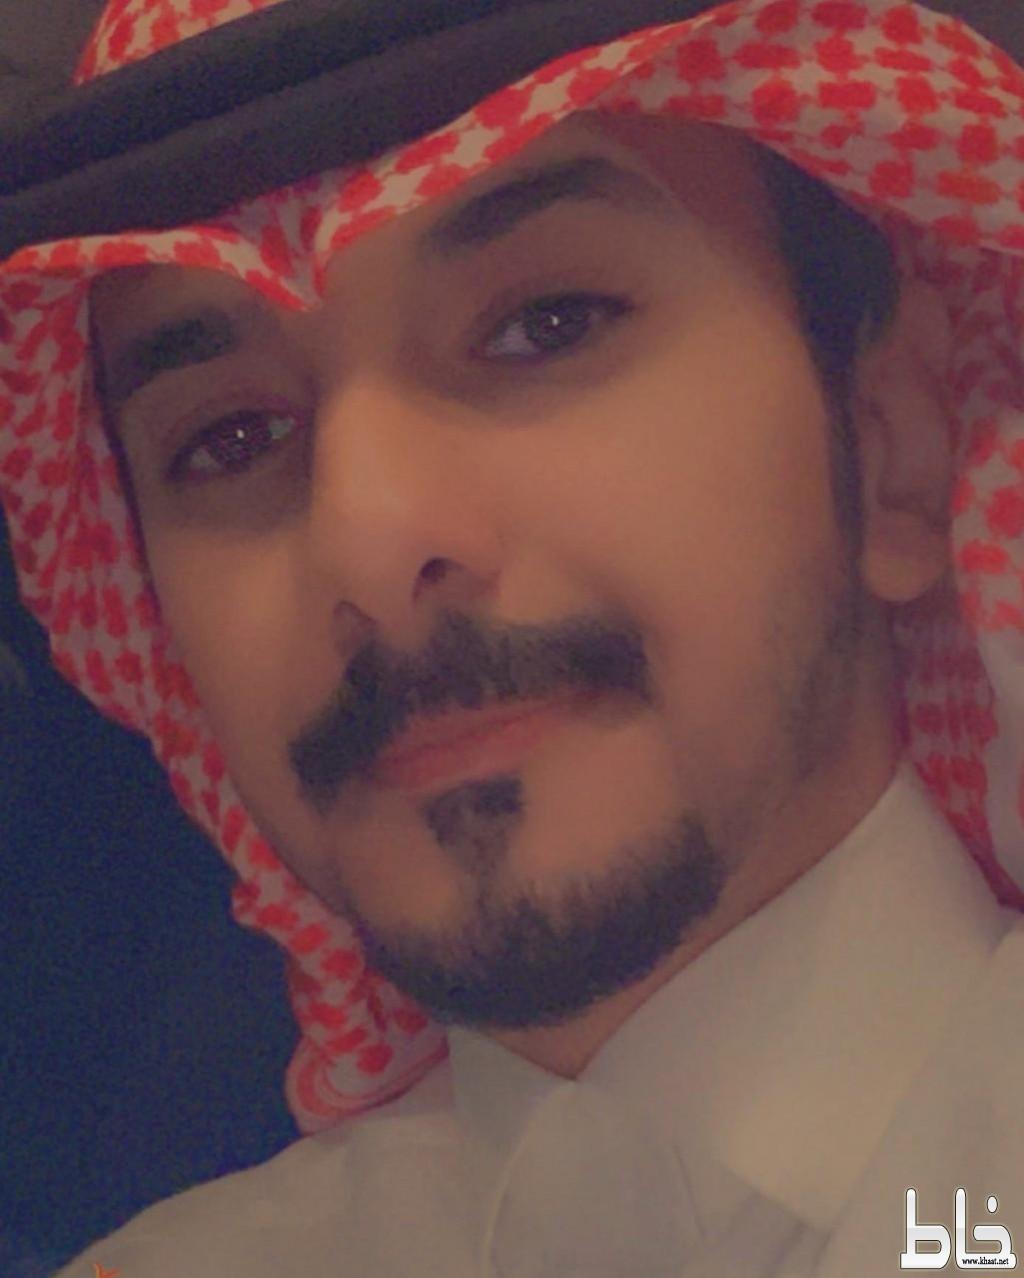 حسن علي ابونقطة يحصل على البكالوريوس في اللغة الانجليزية من جامعة الملك فيصل